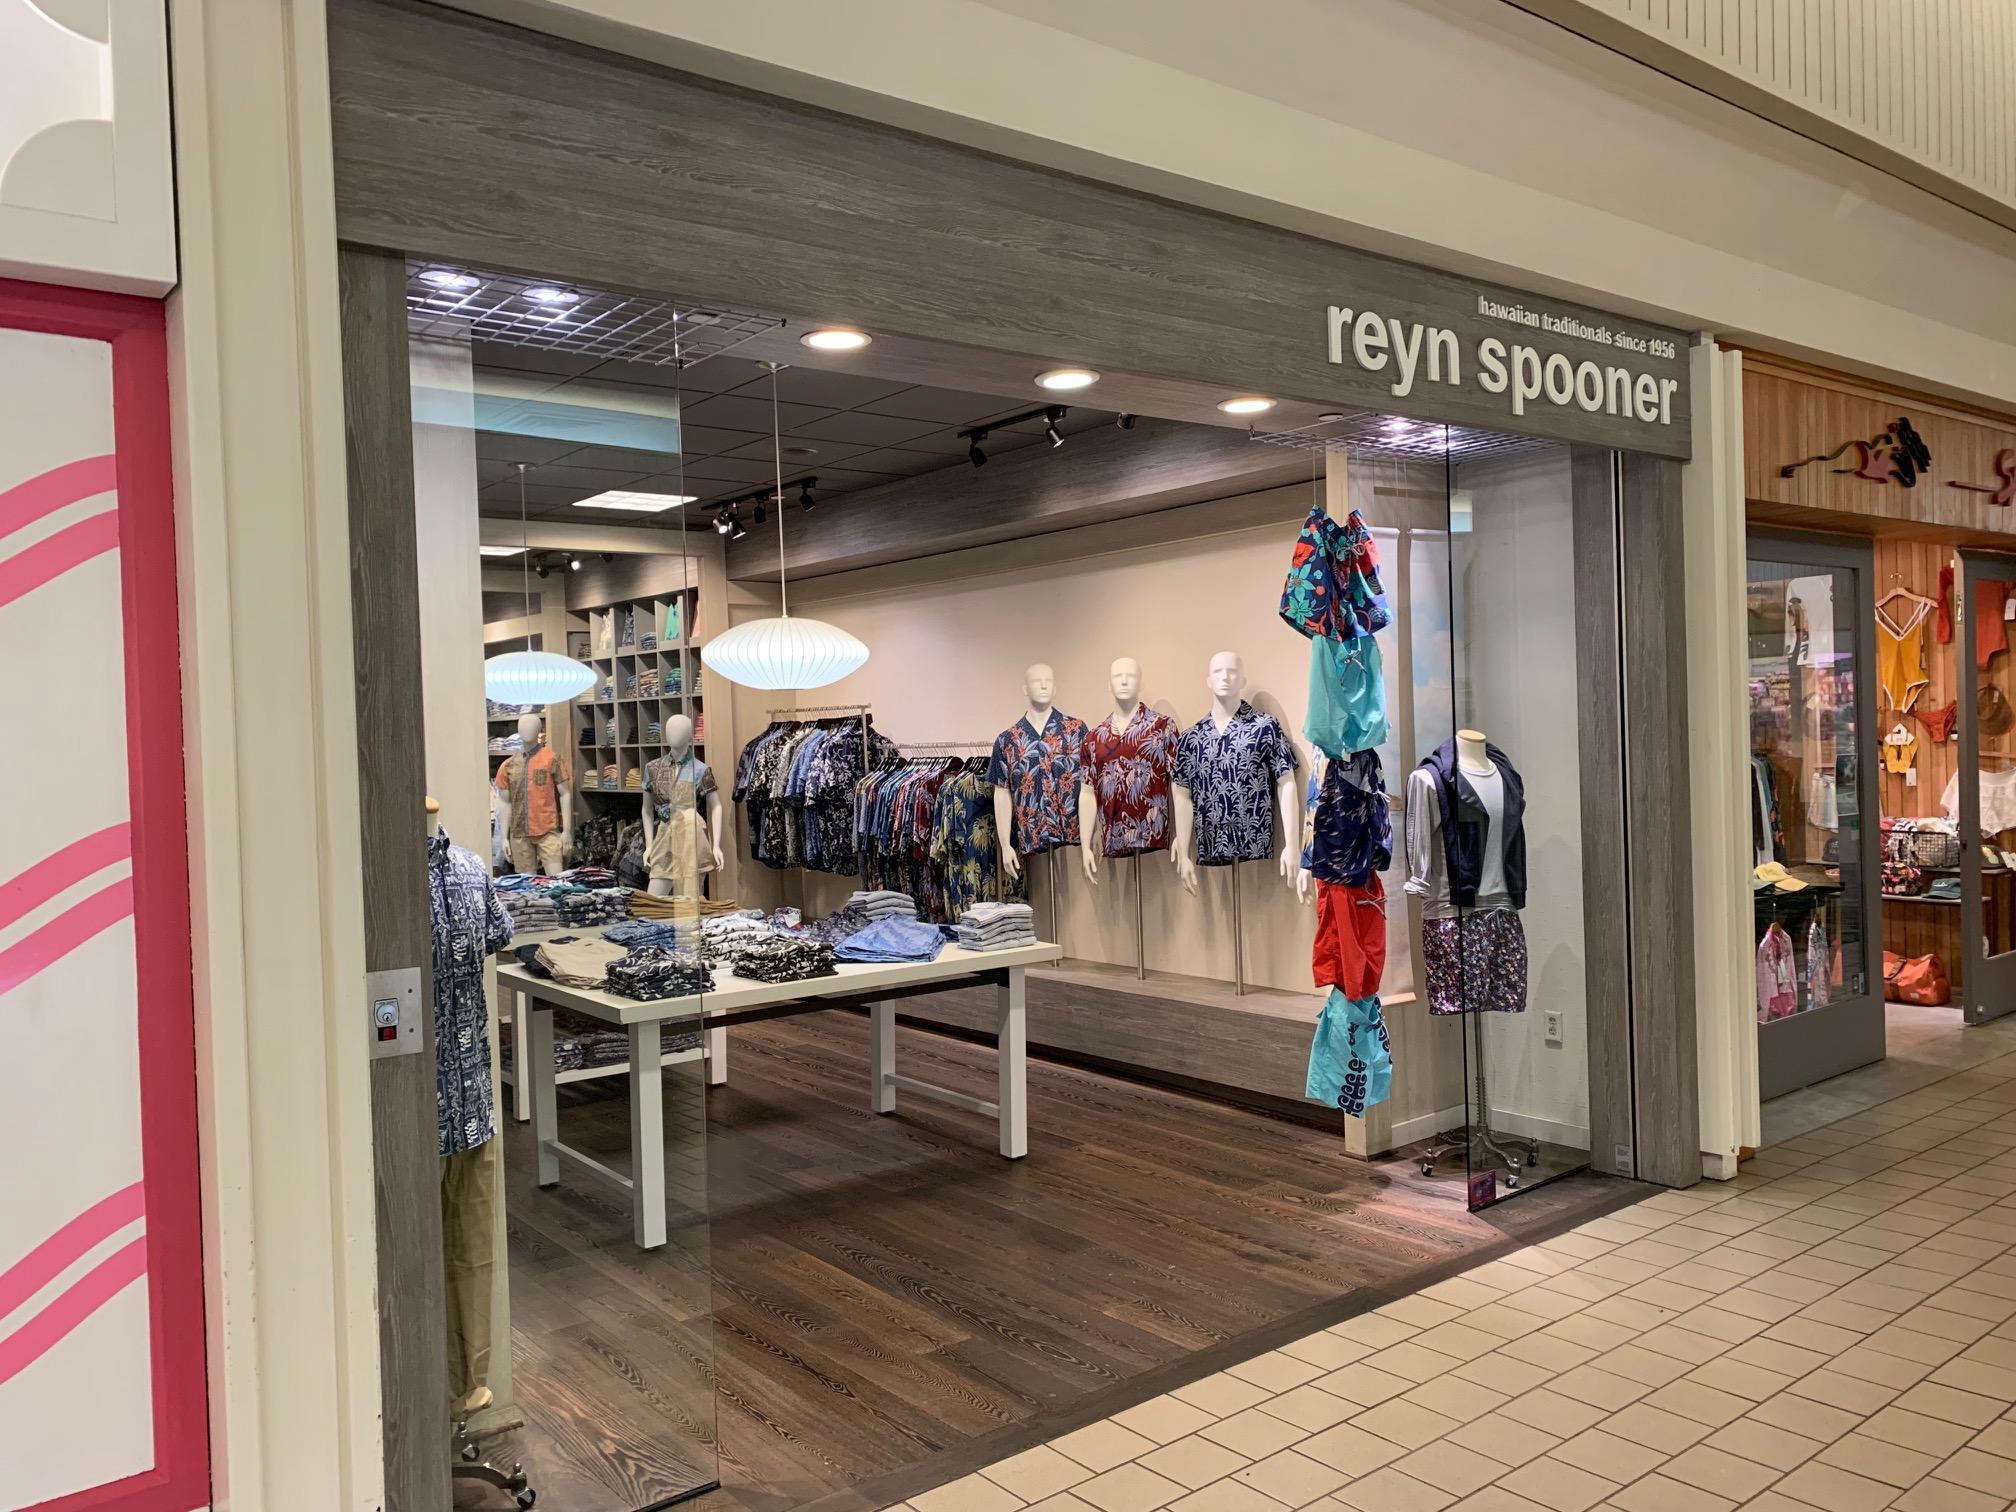 アロハシャツの老舗「reyn spooner」